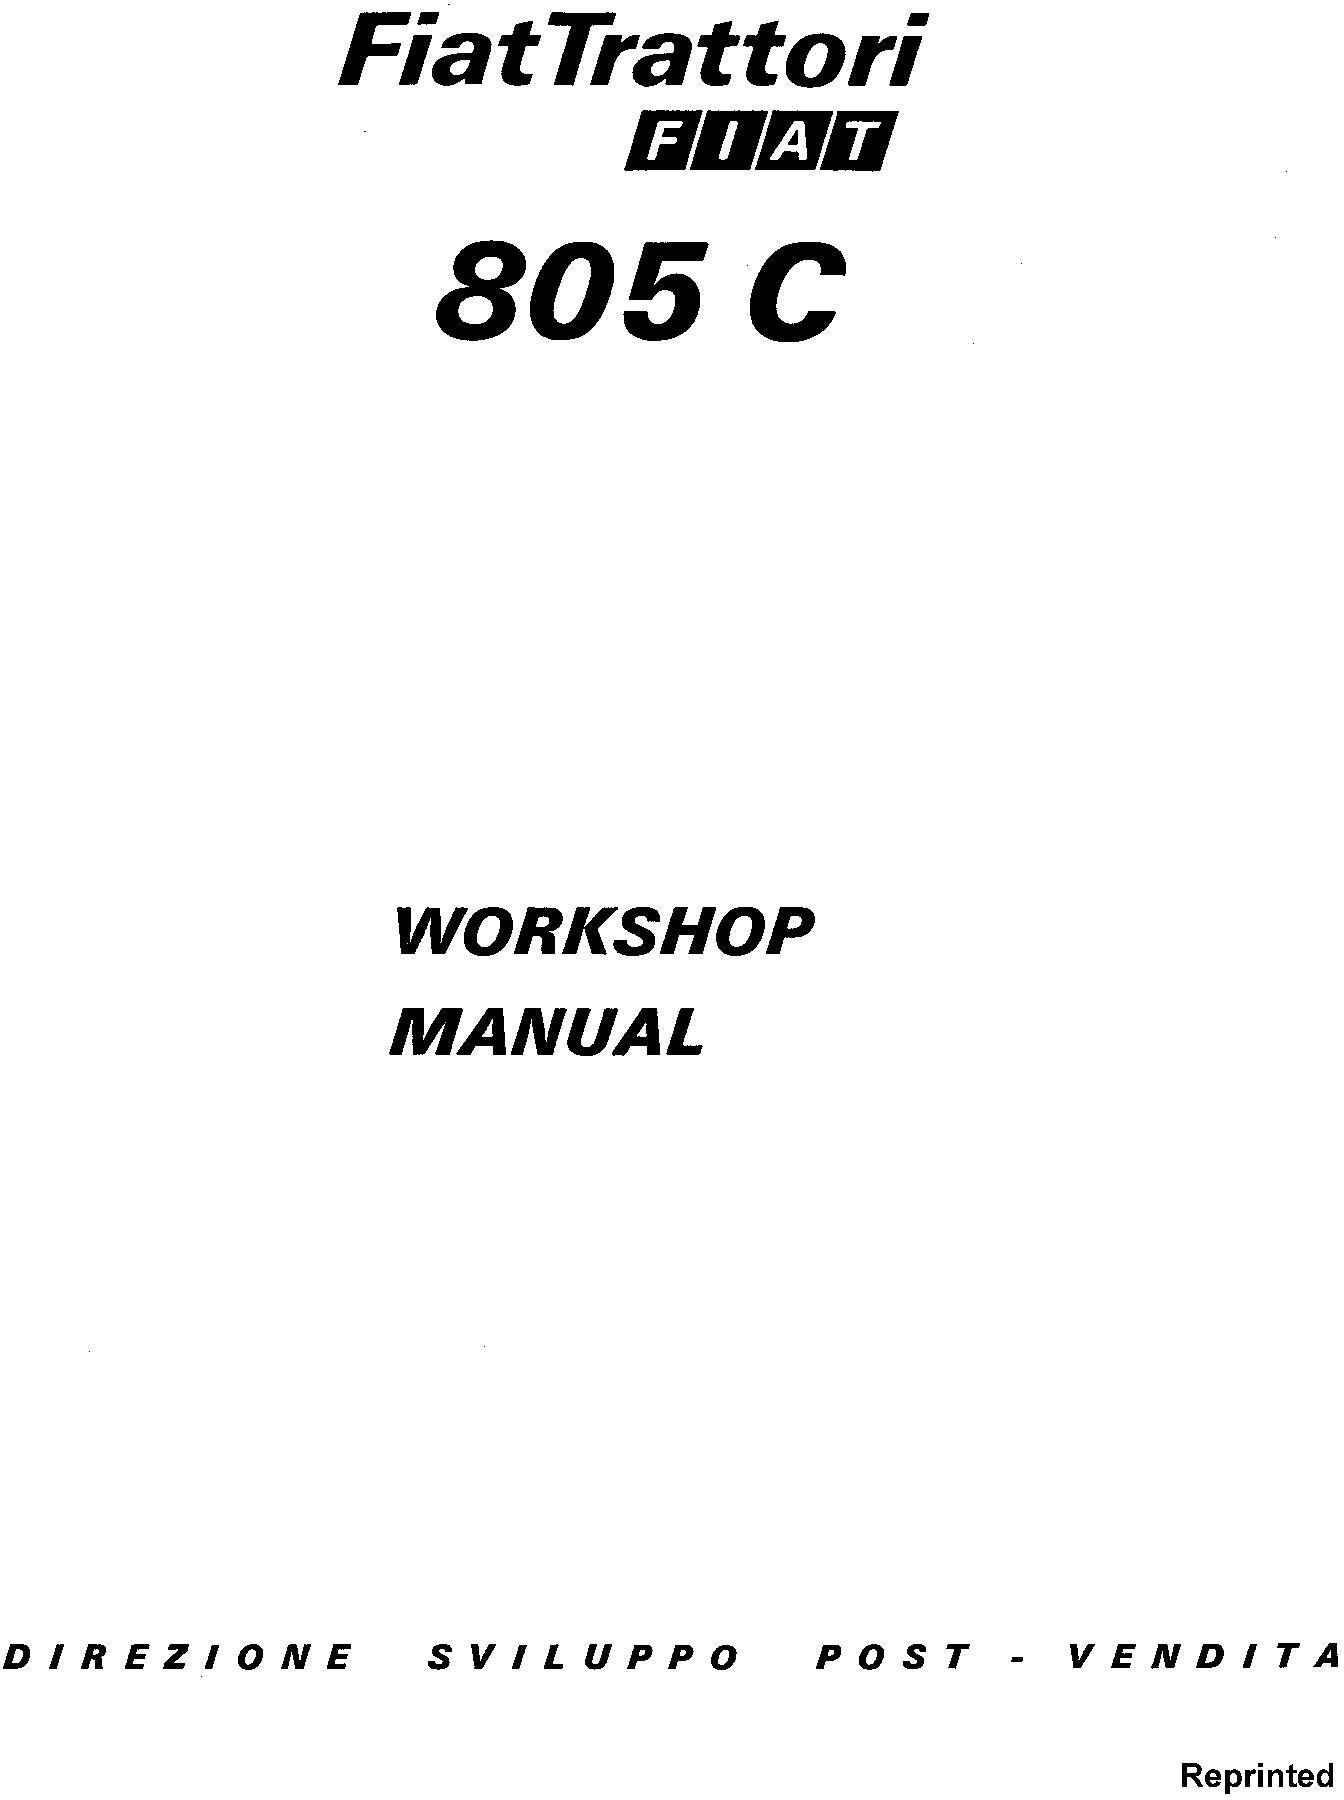 Fiat 805C Crawler Tractors Workshop Service Manual / Deere